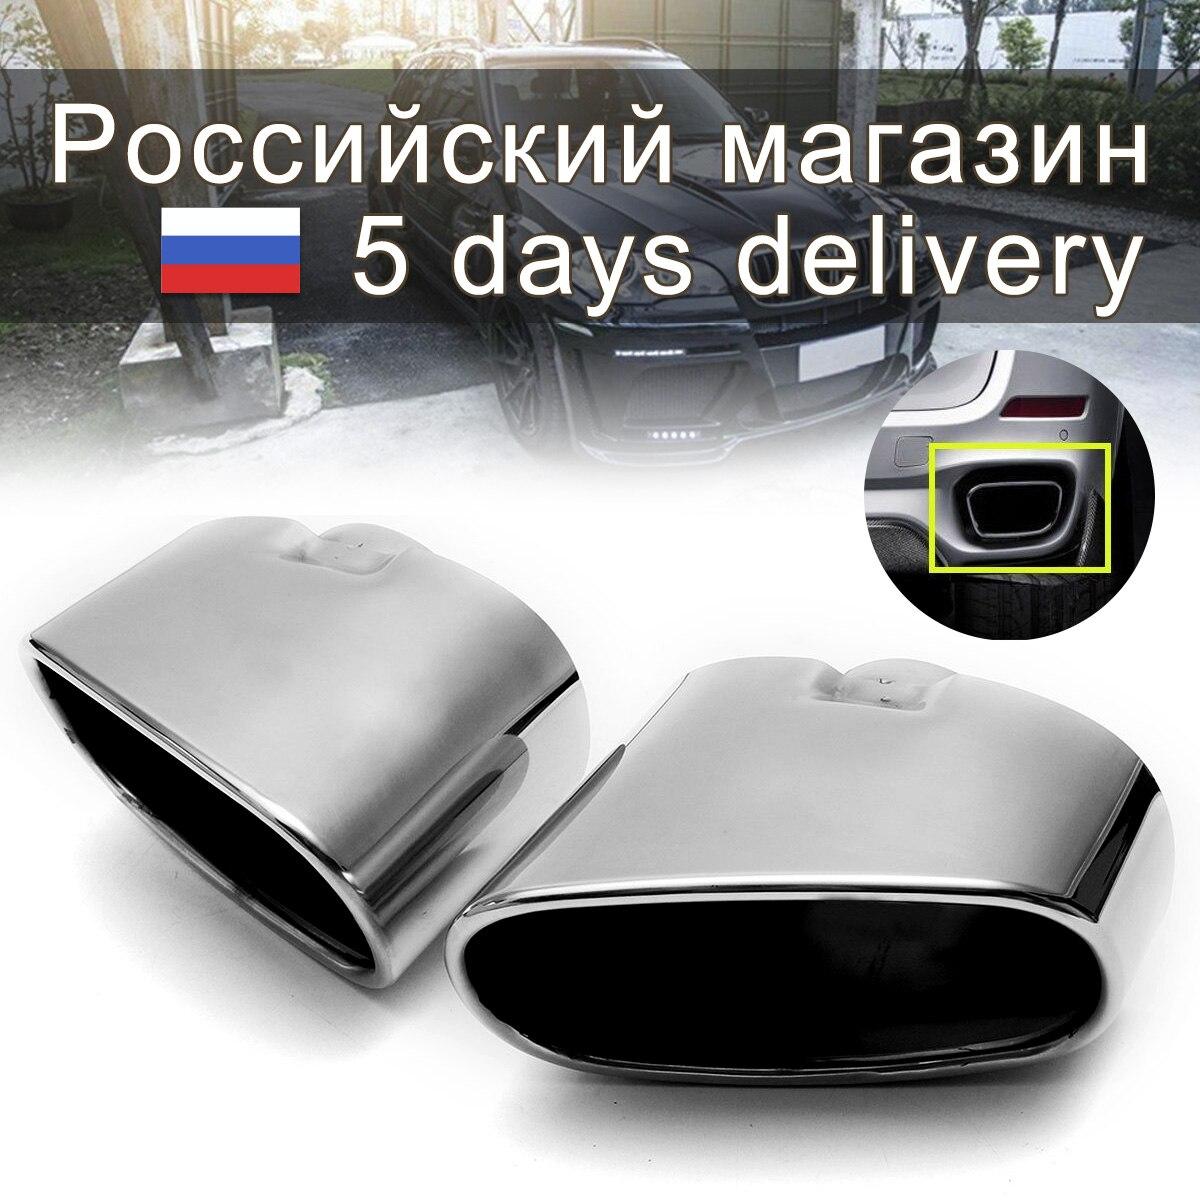 זוג Chrome פליטה כפולה צינור זנב צעיף עצה נירוסטה עבור BMW X5 E70 2008 2009 2010 2011 2012 2013 אביזרי רכב